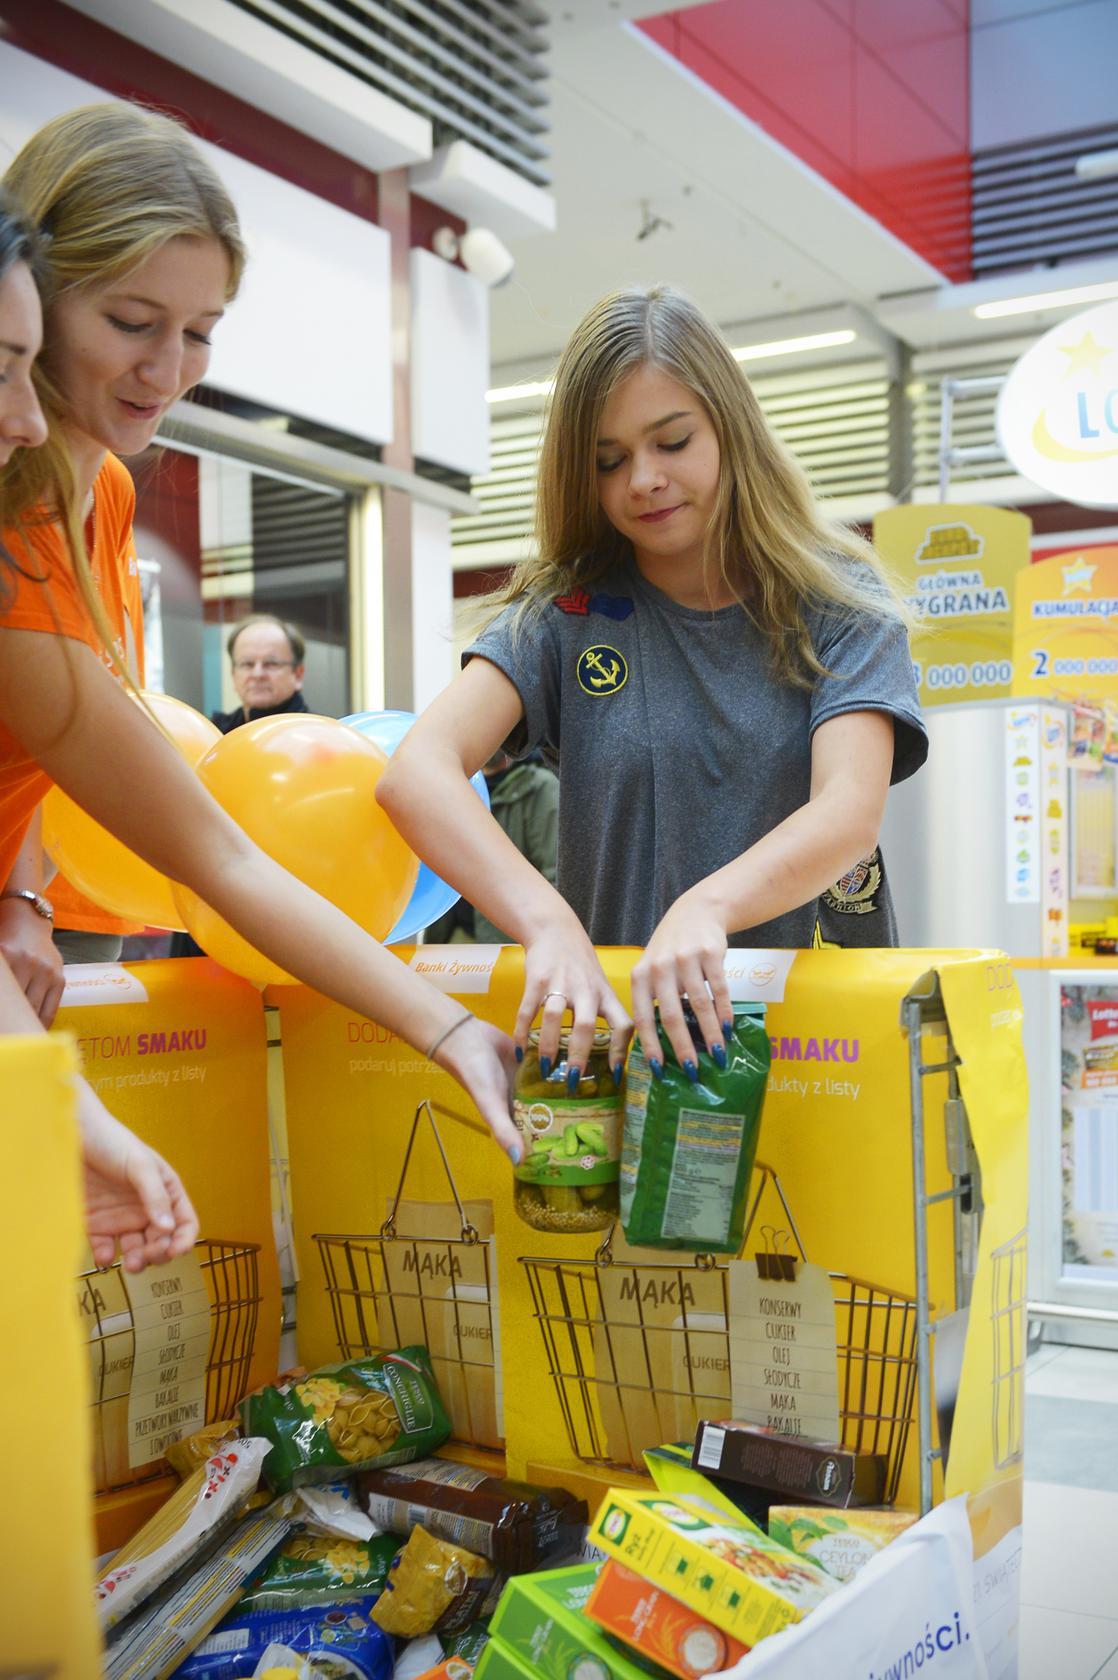 BlogStar: Ruszyła 21. Świąteczna Zbiórka Żywności - BlogStar.pl